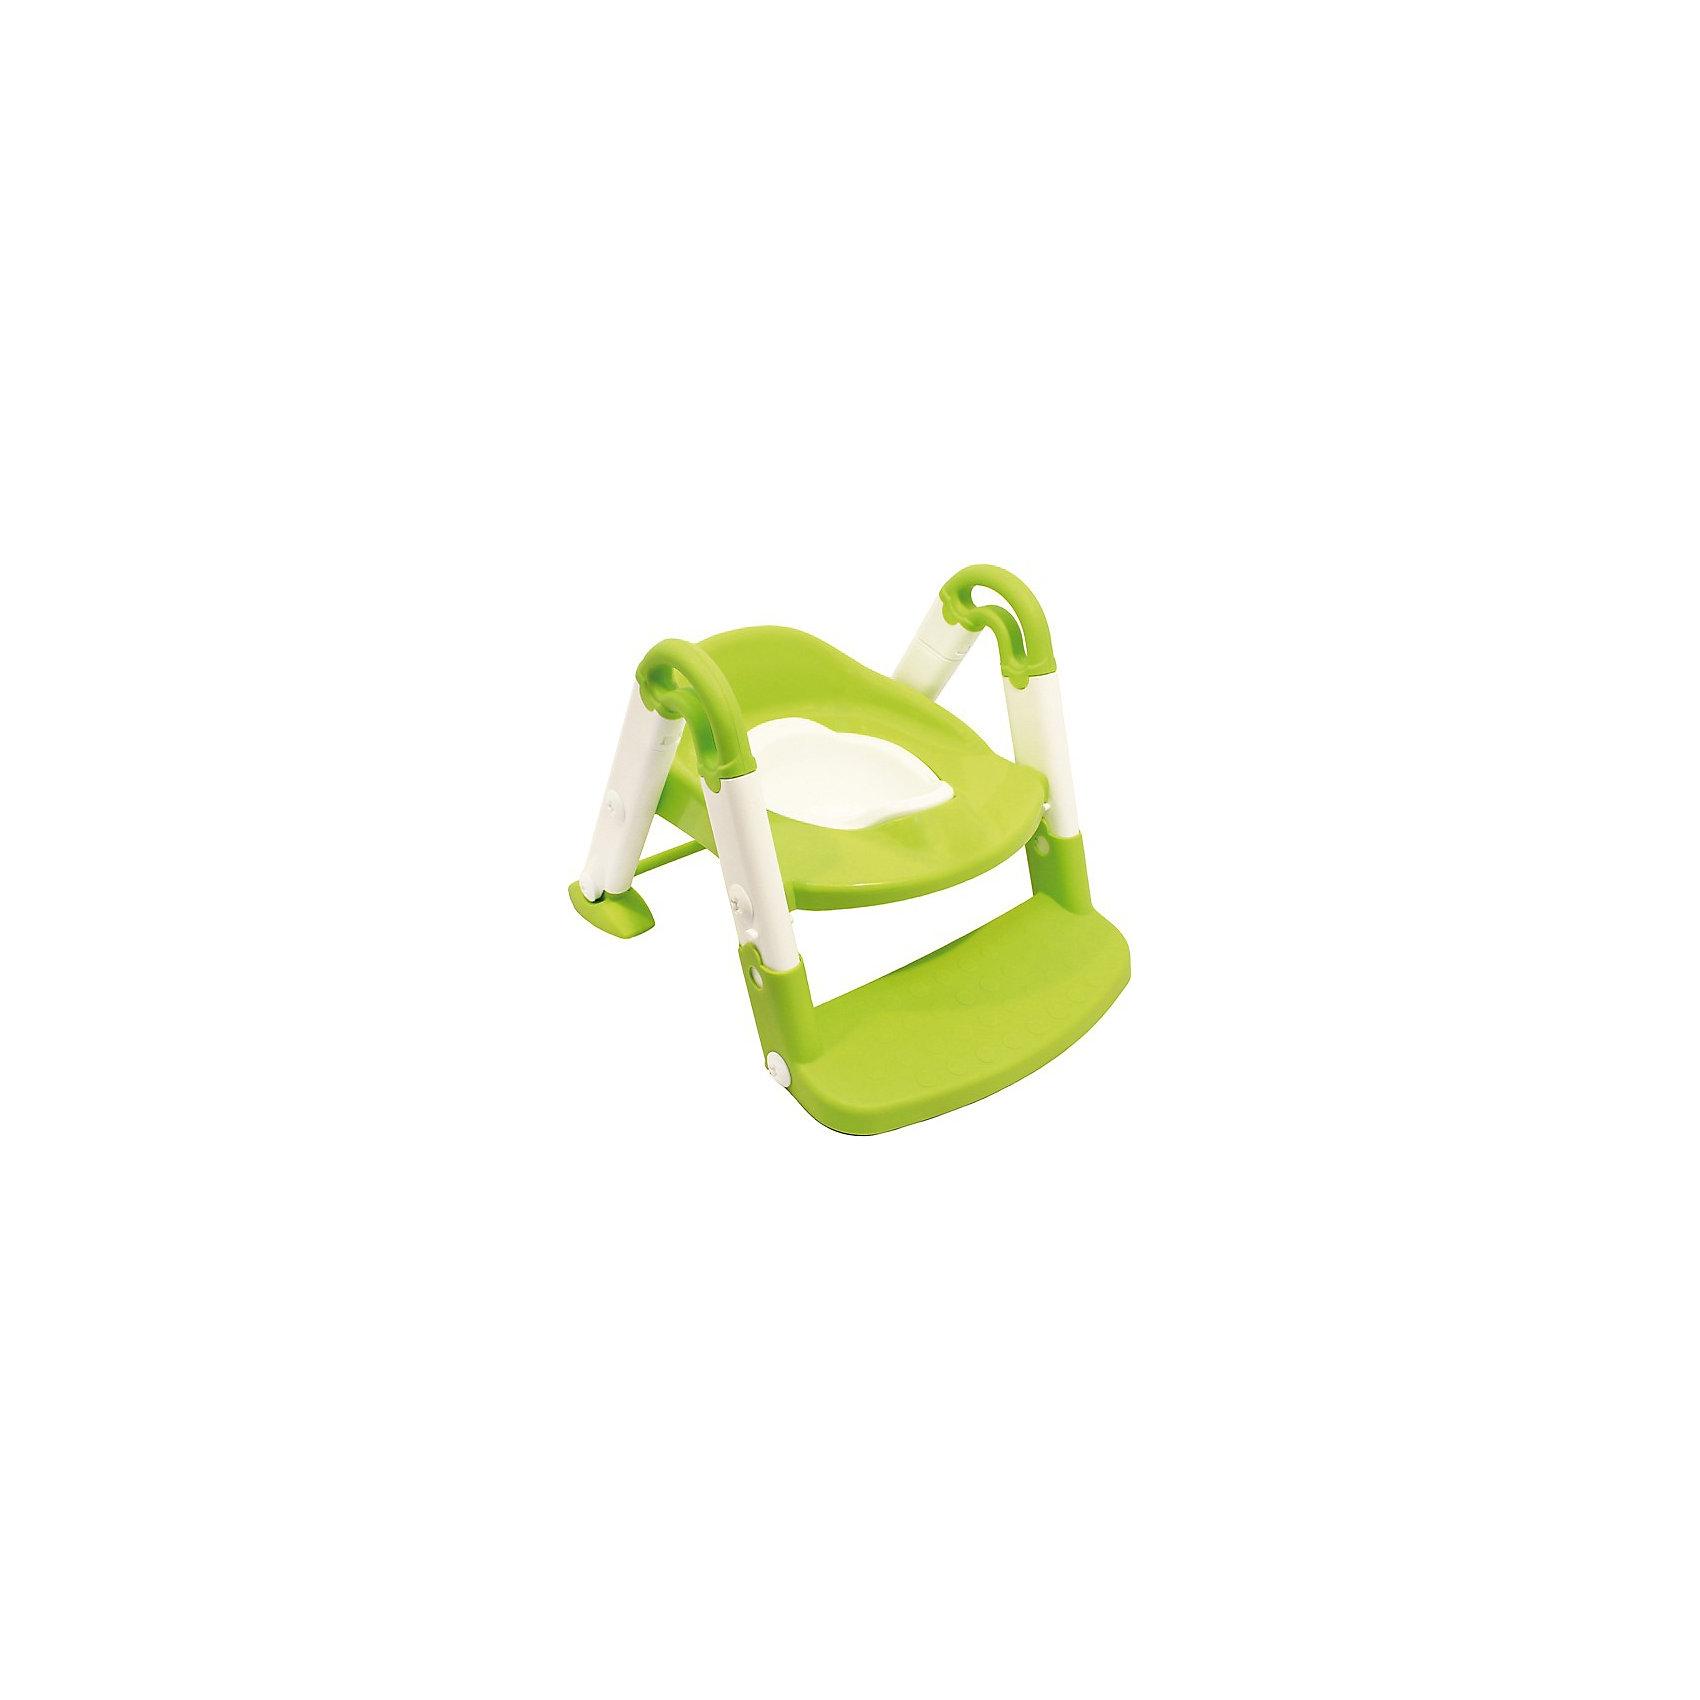 Горшок-трансформер, ROXY-KIDS, салатовыйГоршок-трансформер, ROXY-KIDS - это удобная насадка на унитаз со ступенькой для детей от 2 лет. Насадку можно использовать как для того, чтобы приучить ребенка с ранних лет пользоваться взрослым унитазом, так и в качестве обычного горшка в любом помещении.<br>С помощью этого нехитрого приспособления малыш сможет самостоятельно сходить в туалет и почувствовать себя уже взрослым, ведь это так важно для ребёнка.<br>Легко собирается и разбирается для транспортировки. Ступенька имеет противоскользящее покрытие. Горшок имеет удобные ручки, которые помогают ребенку слезть и залезть.<br>Ножка насадки также оснащена надежными антискользящими креплениями для дополнительной безопасности и устойчивости.<br><br>Дополнительная информация:<br><br>- размеры упаковки: 39,5 х 35 х 17,5 см<br>- материал: пластик<br>- вес: 1850 г.<br><br>Горшок-трансформер, ROXY-KIDS салатовый можно купить в нашем магазине.<br><br>Ширина мм: 395<br>Глубина мм: 348<br>Высота мм: 175<br>Вес г: 1850<br>Возраст от месяцев: 24<br>Возраст до месяцев: 60<br>Пол: Унисекс<br>Возраст: Детский<br>SKU: 3694569